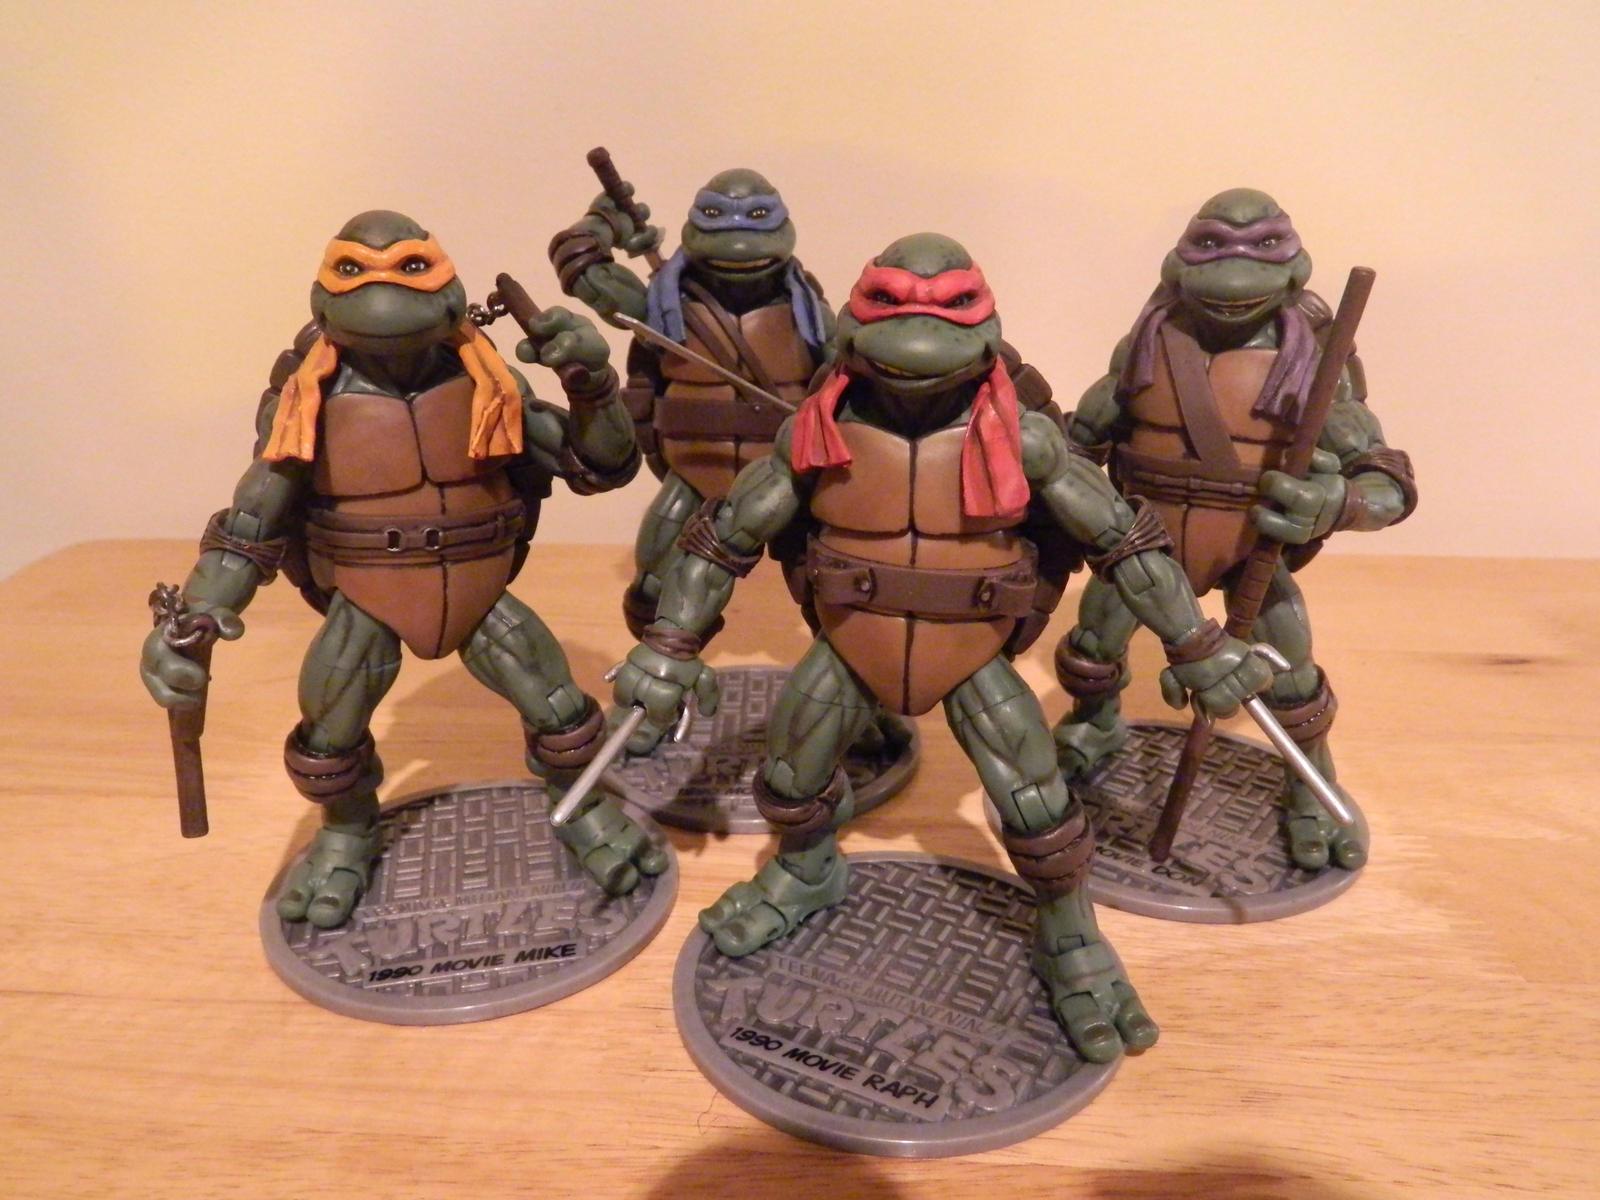 Tmnt Movie Toys : Tmnt custom movie figures by jodybriggs on deviantart